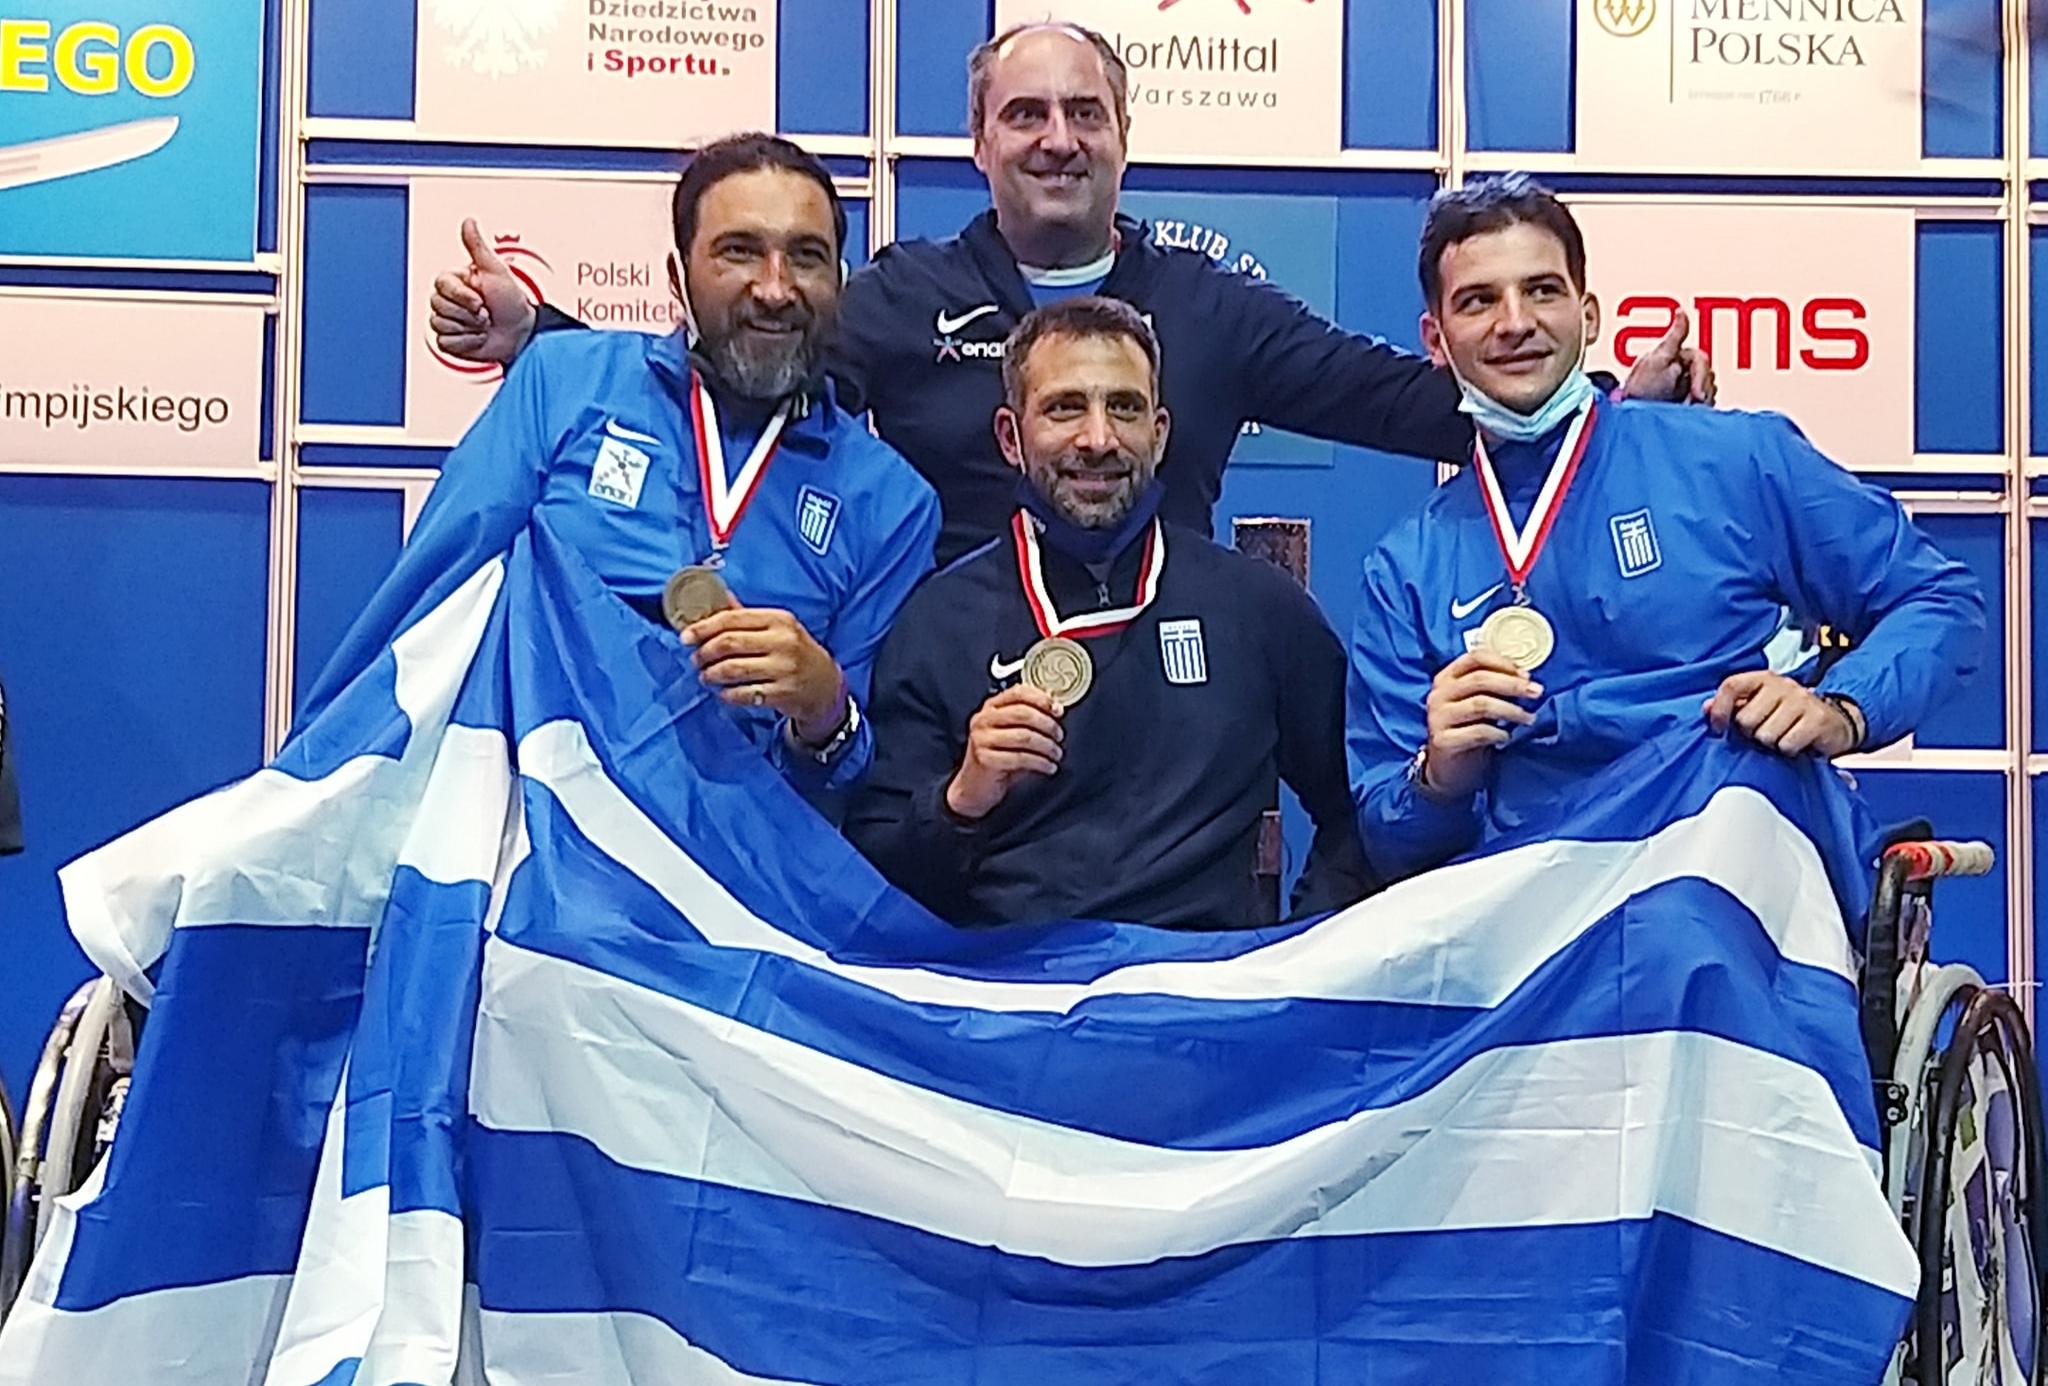 Χάλκινο μετάλλιο για την Ελλάδα στο ομαδικό σπάθης